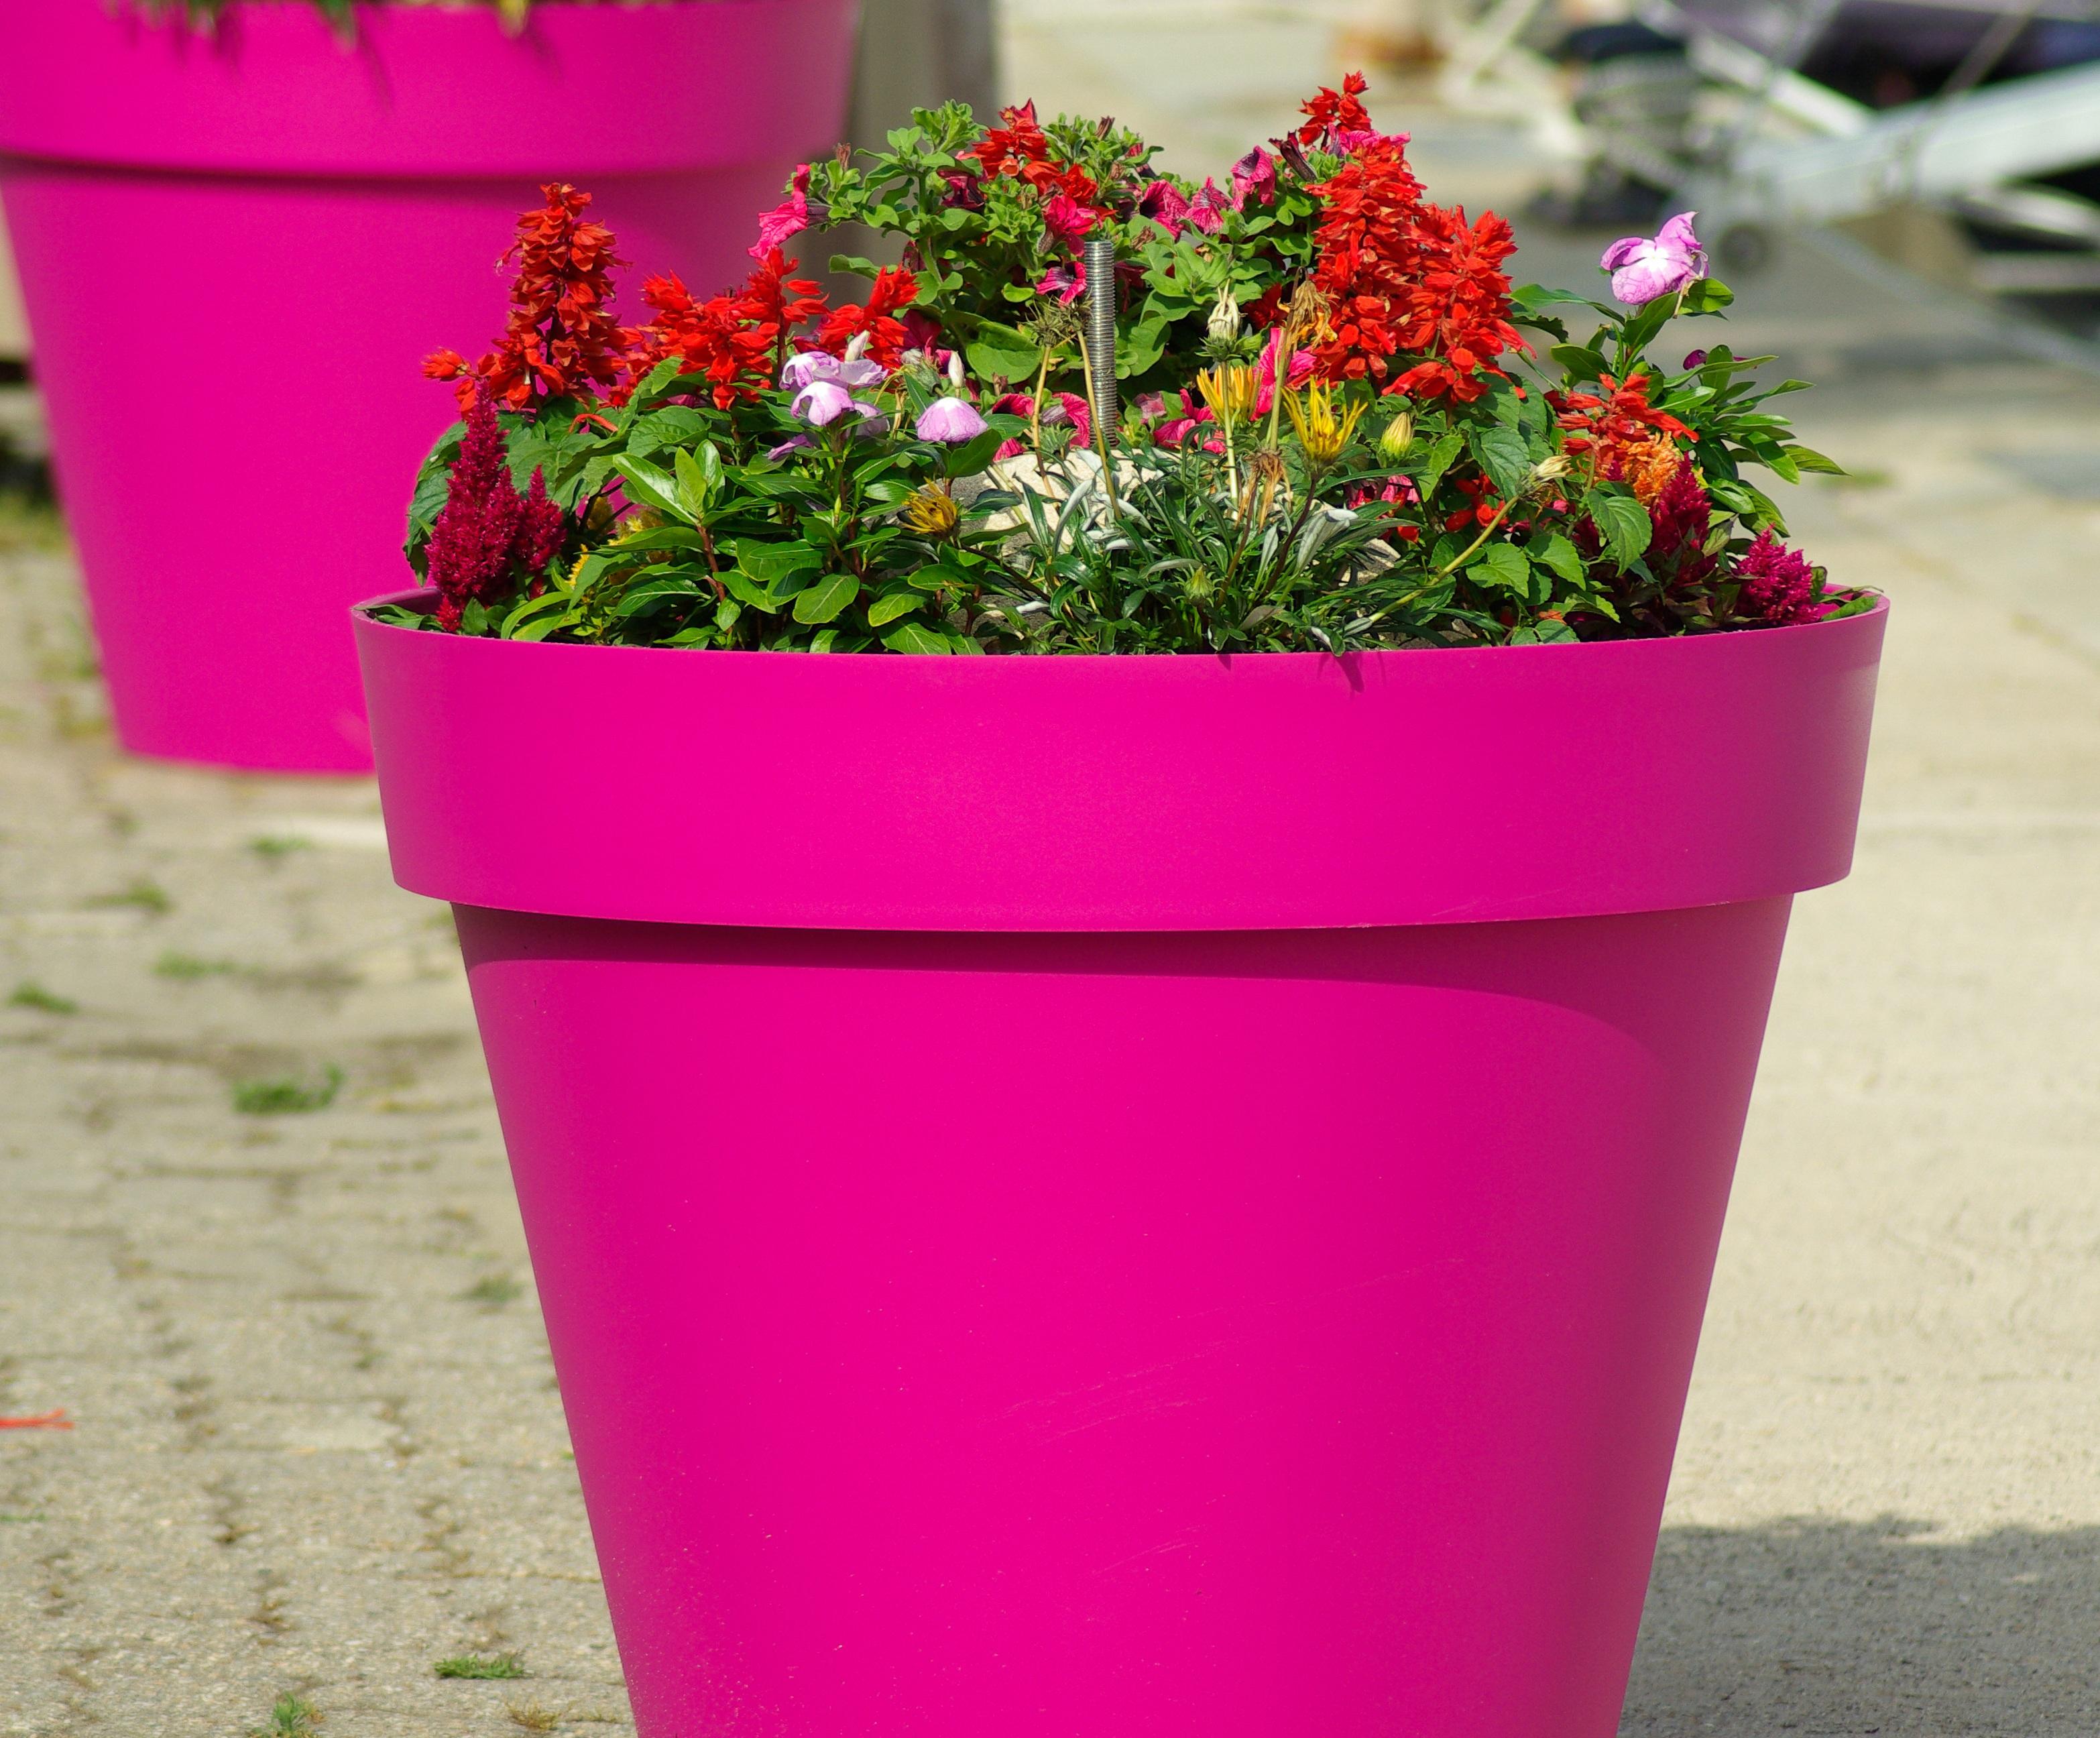 Free Images Plant Decoration Pink Flower Pot Flowerpot